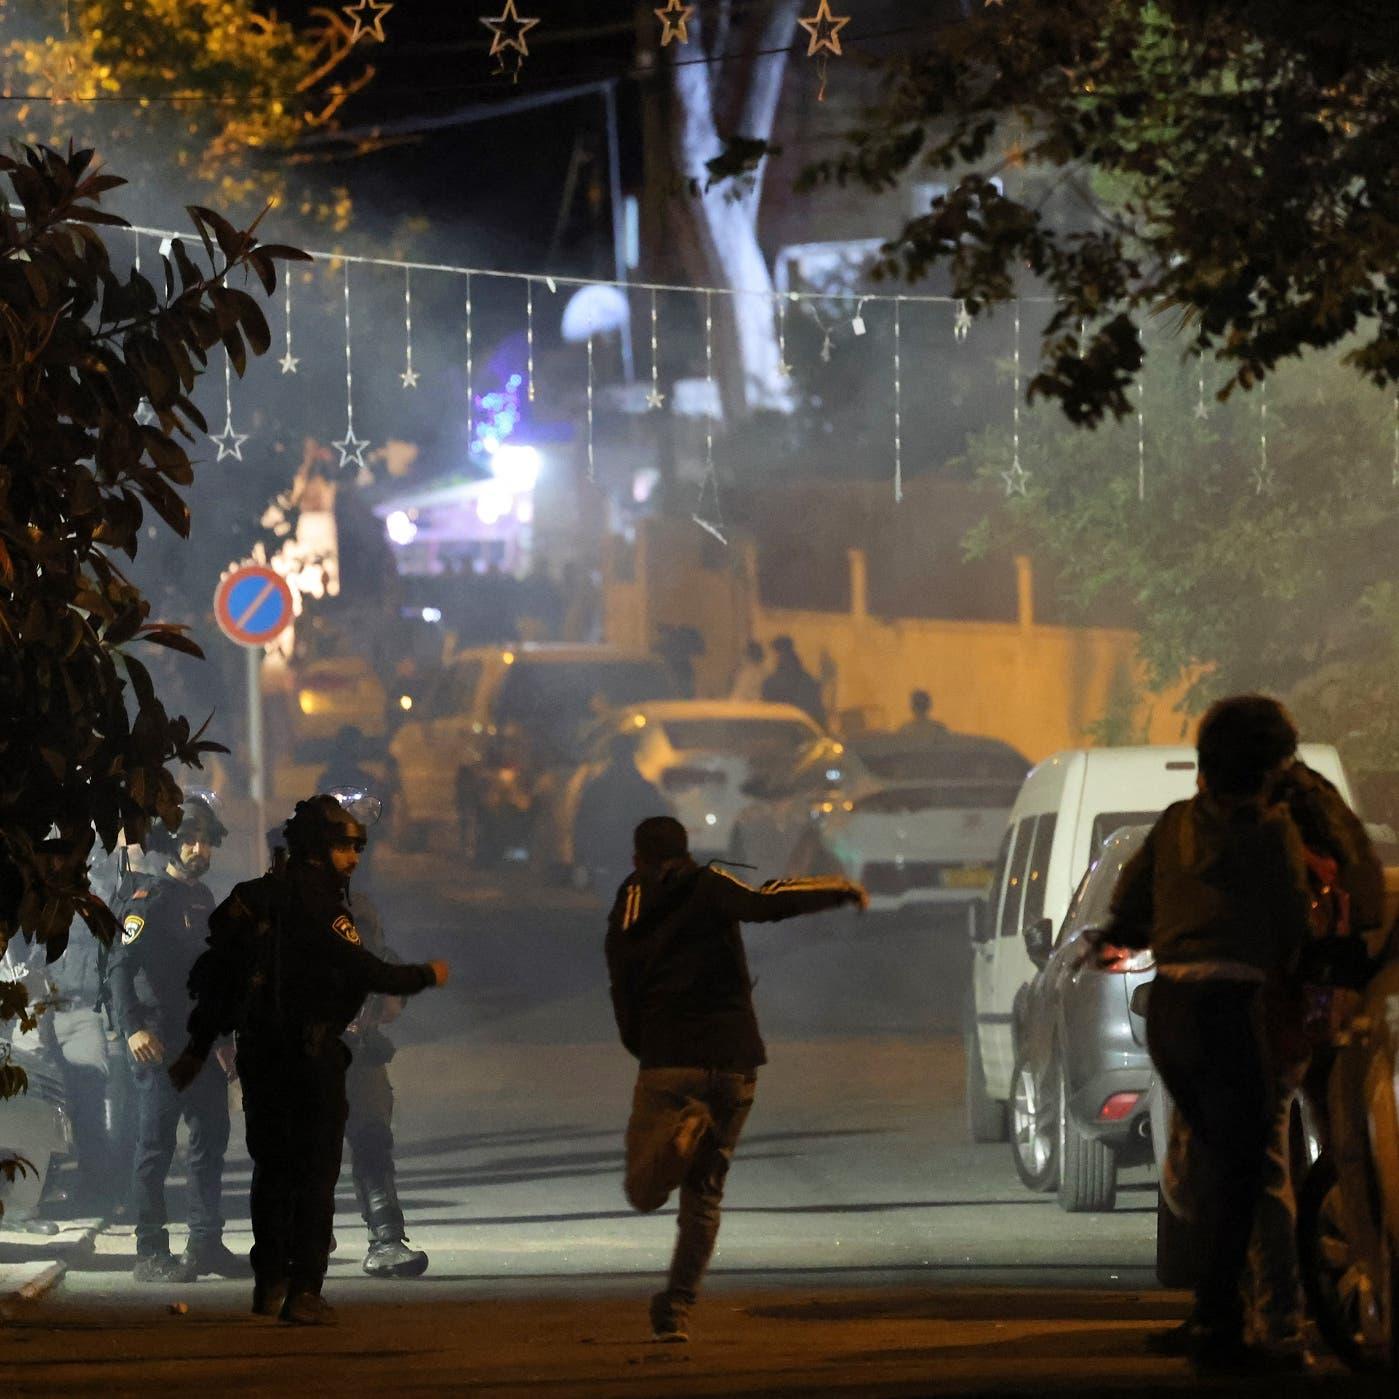 اشتباكات بين فلسطينيين وقوات إسرائيلية في حي الشيخ جراح بالقدس